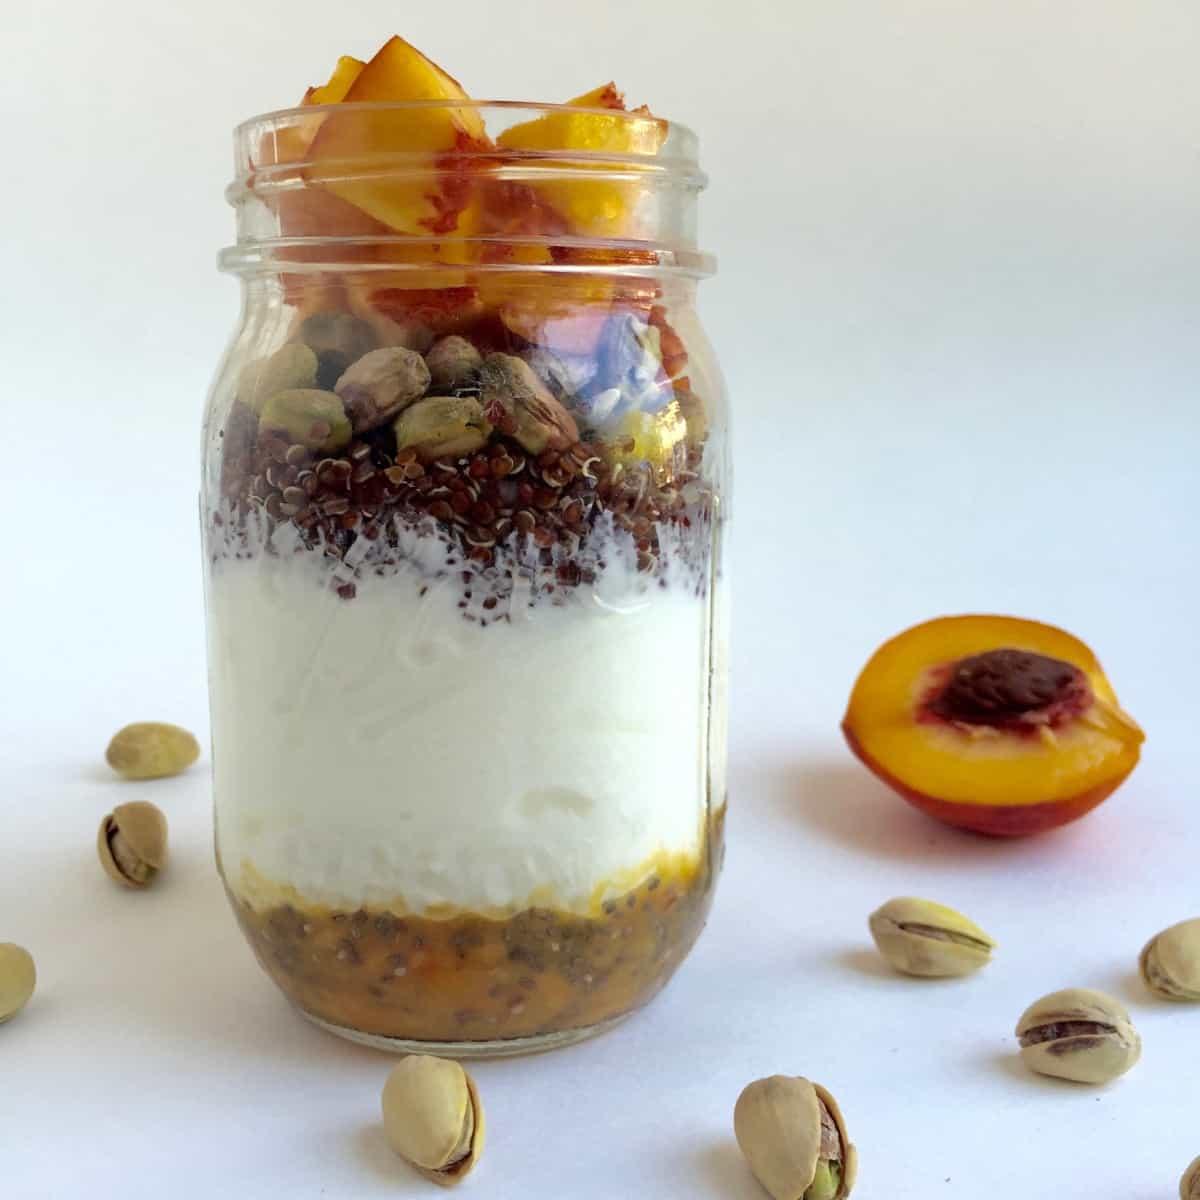 Quinoa Pistachio Peach Yogurt Parfait